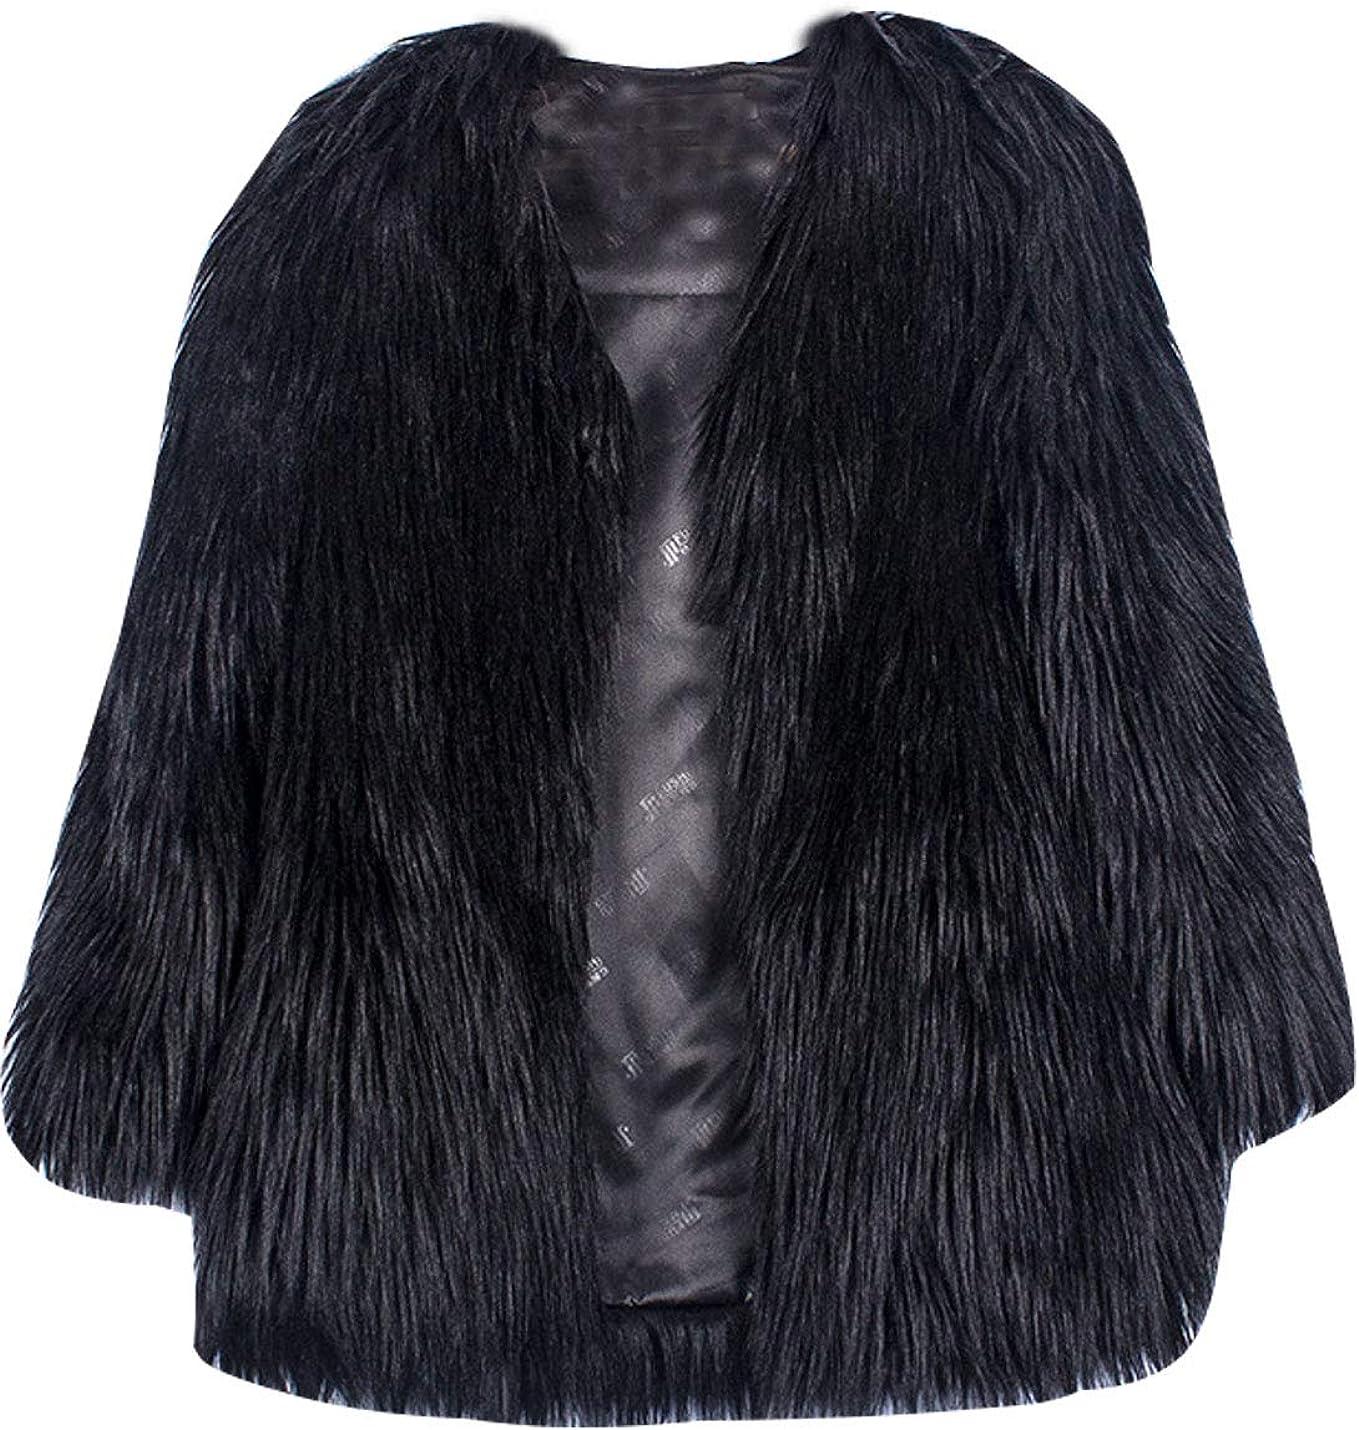 Omoone Women's Long Sleeve Luxury Fluffy Faux Fur Open Front Cardigan Parka Coat